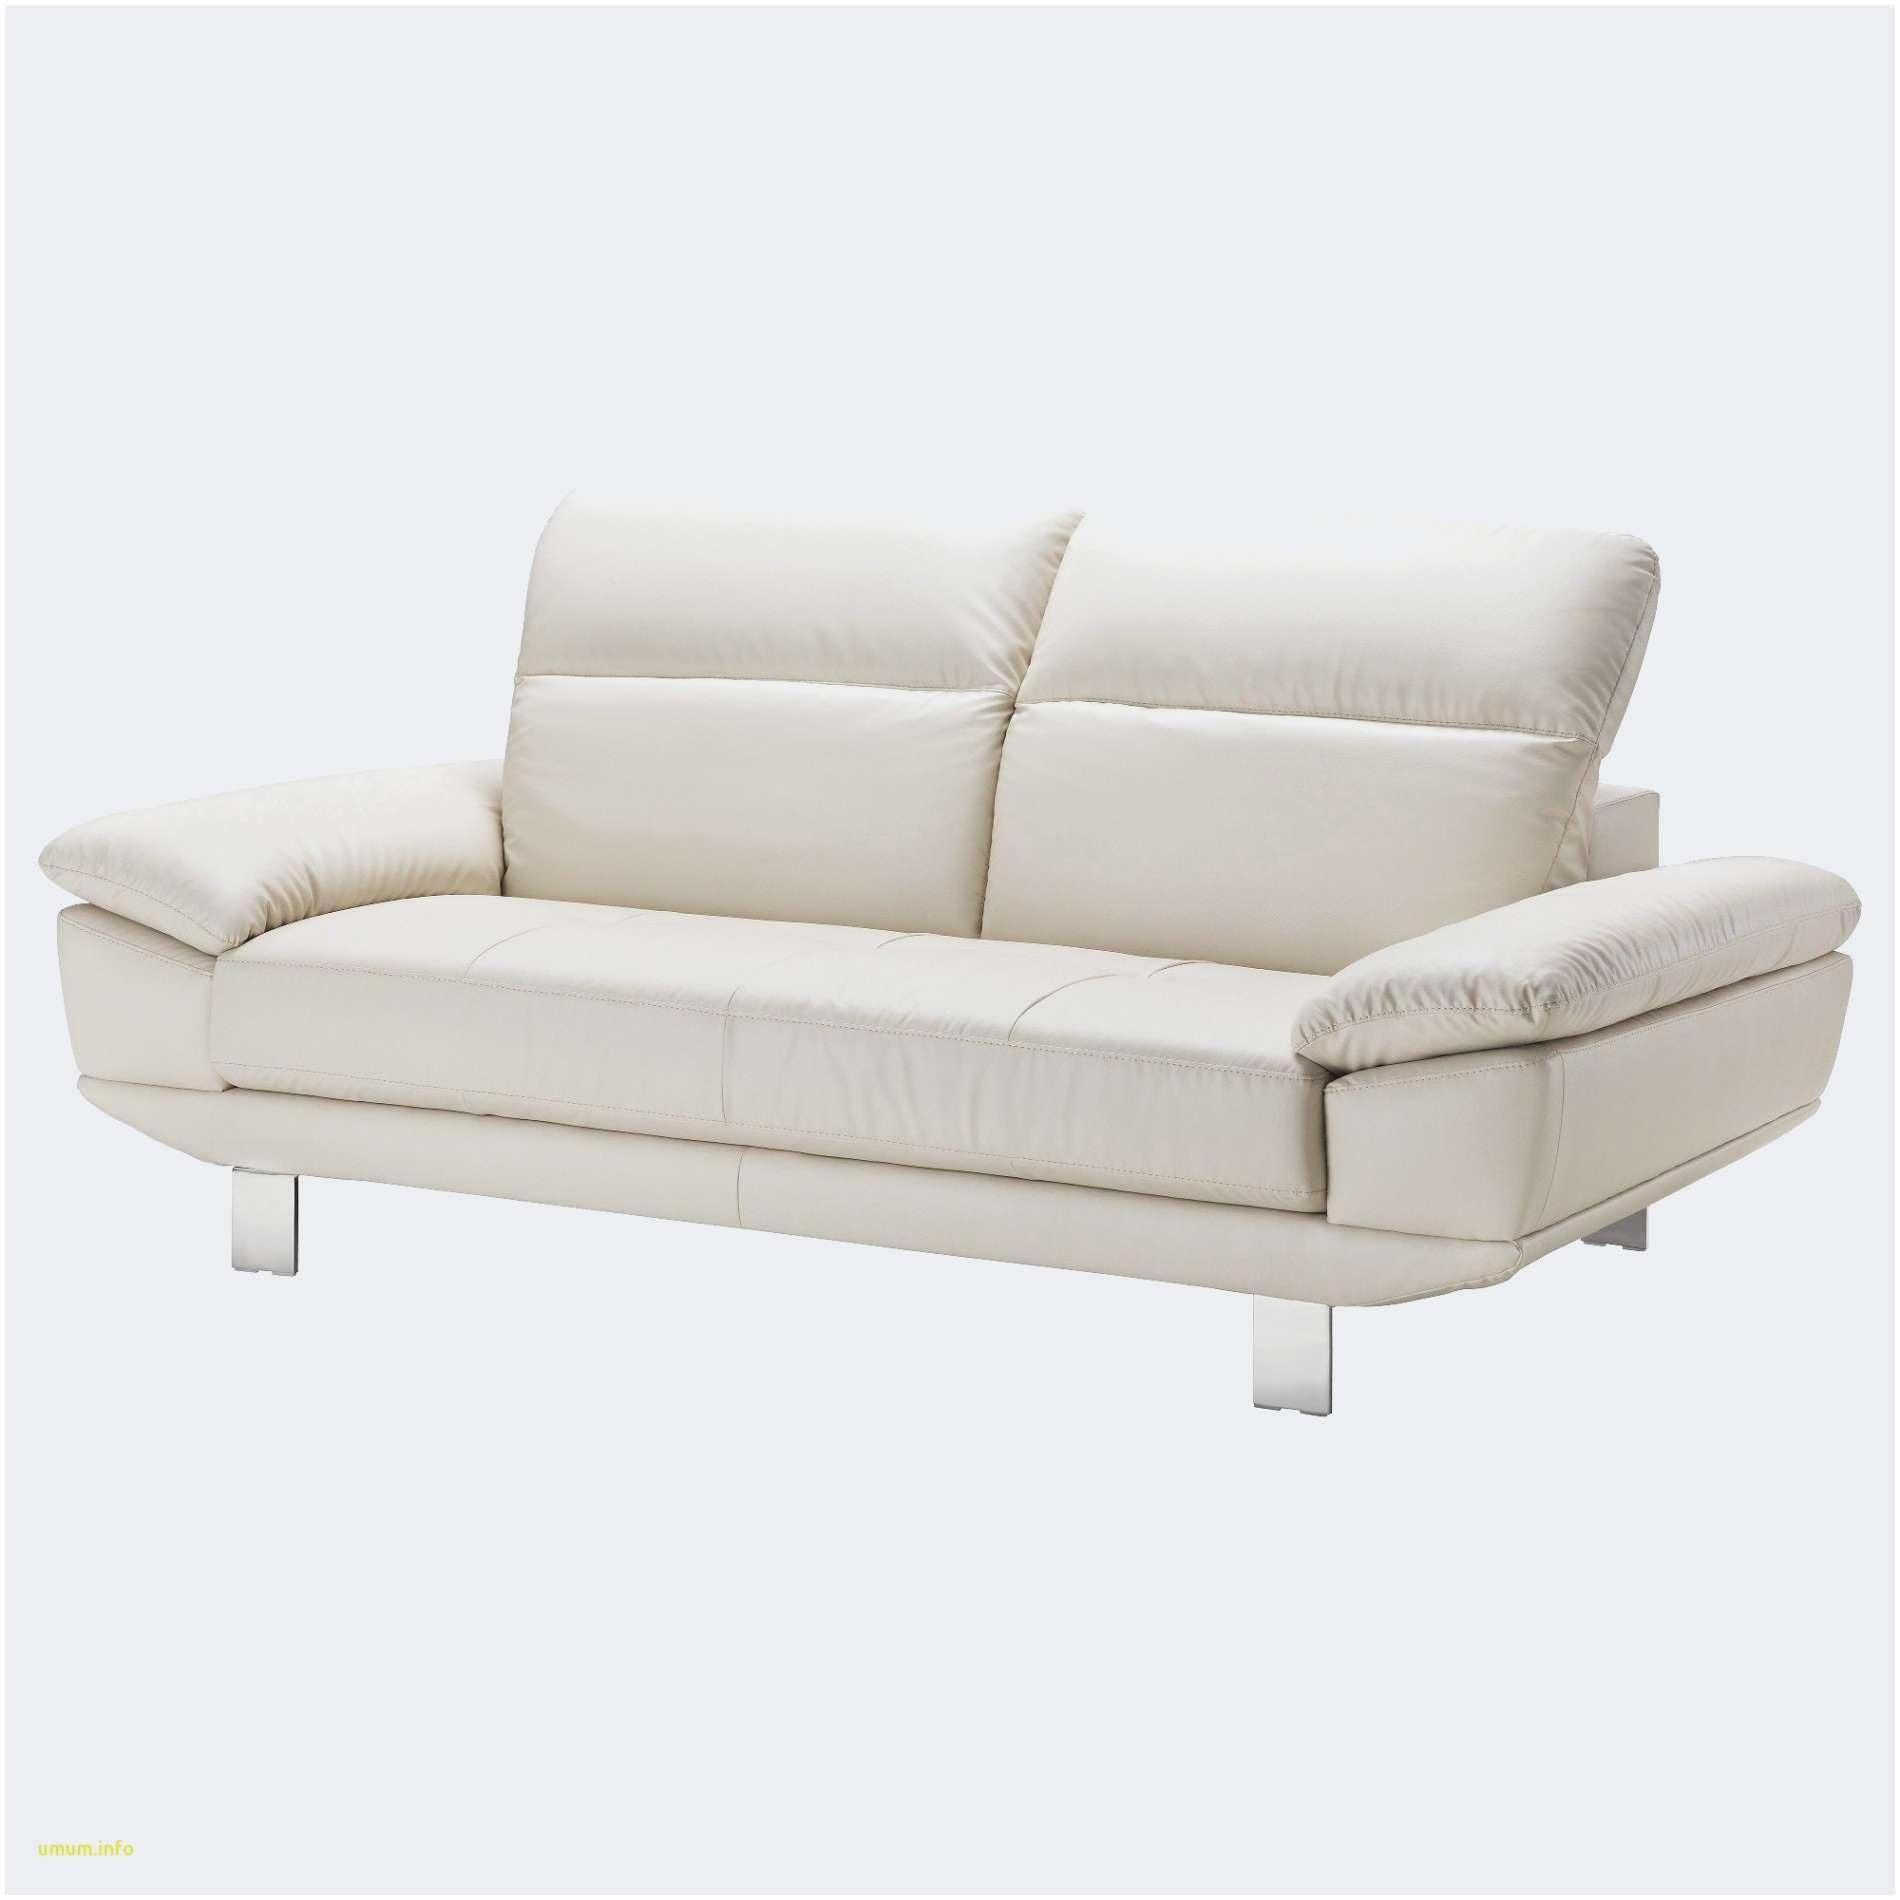 Canapé Lit Simili Cuir Bel Inspiré Canapé 3 Metres — Laguerredesmots Pour Meilleur Canapé Angle